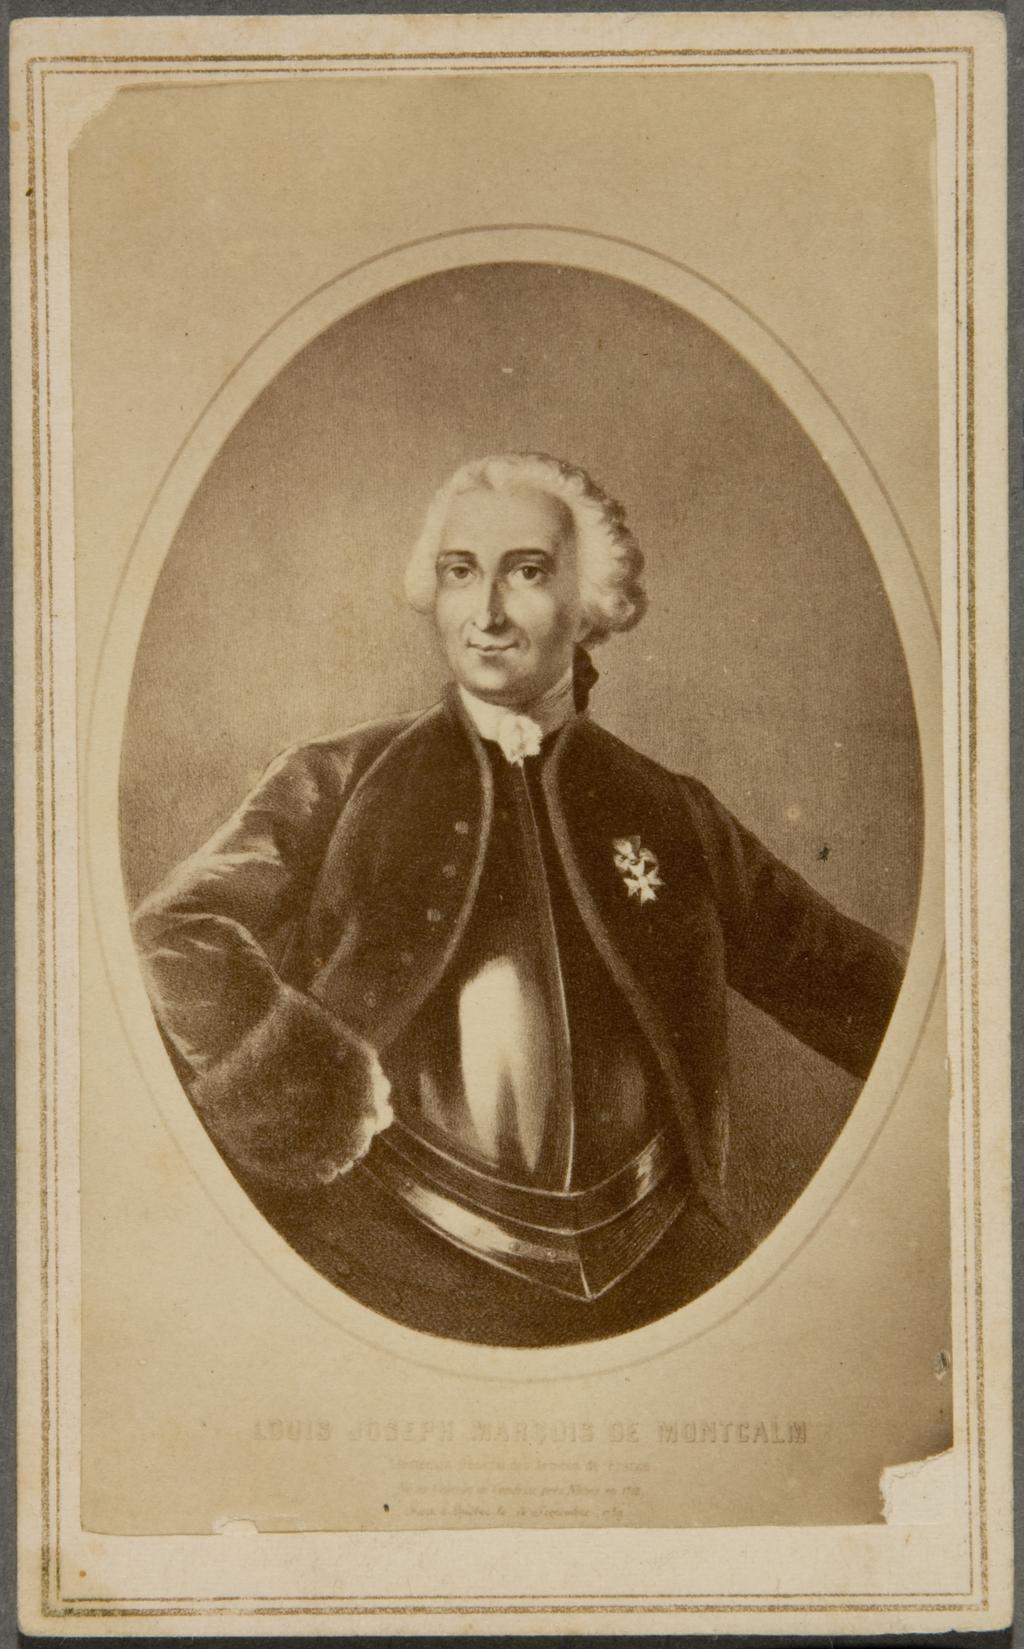 Louis-Joseph, marquis de Montcalm. Photographie d'une gravure